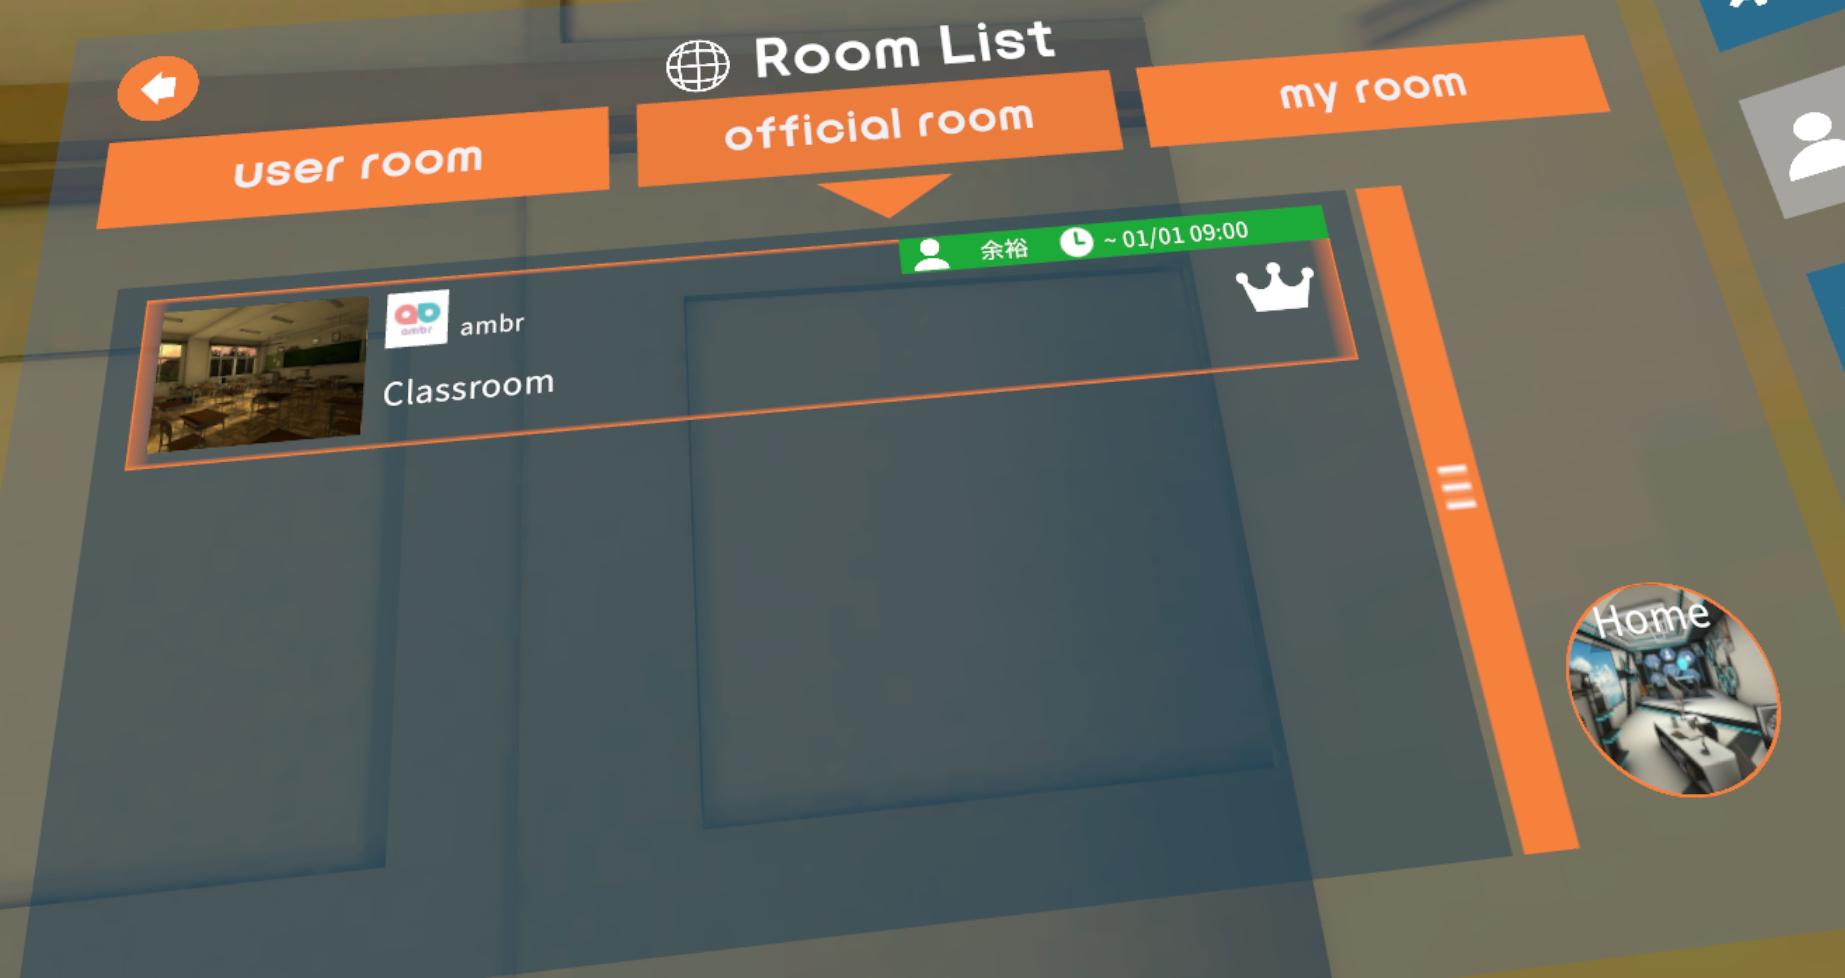 VR SNS【ambr】のワールドに入ってみる